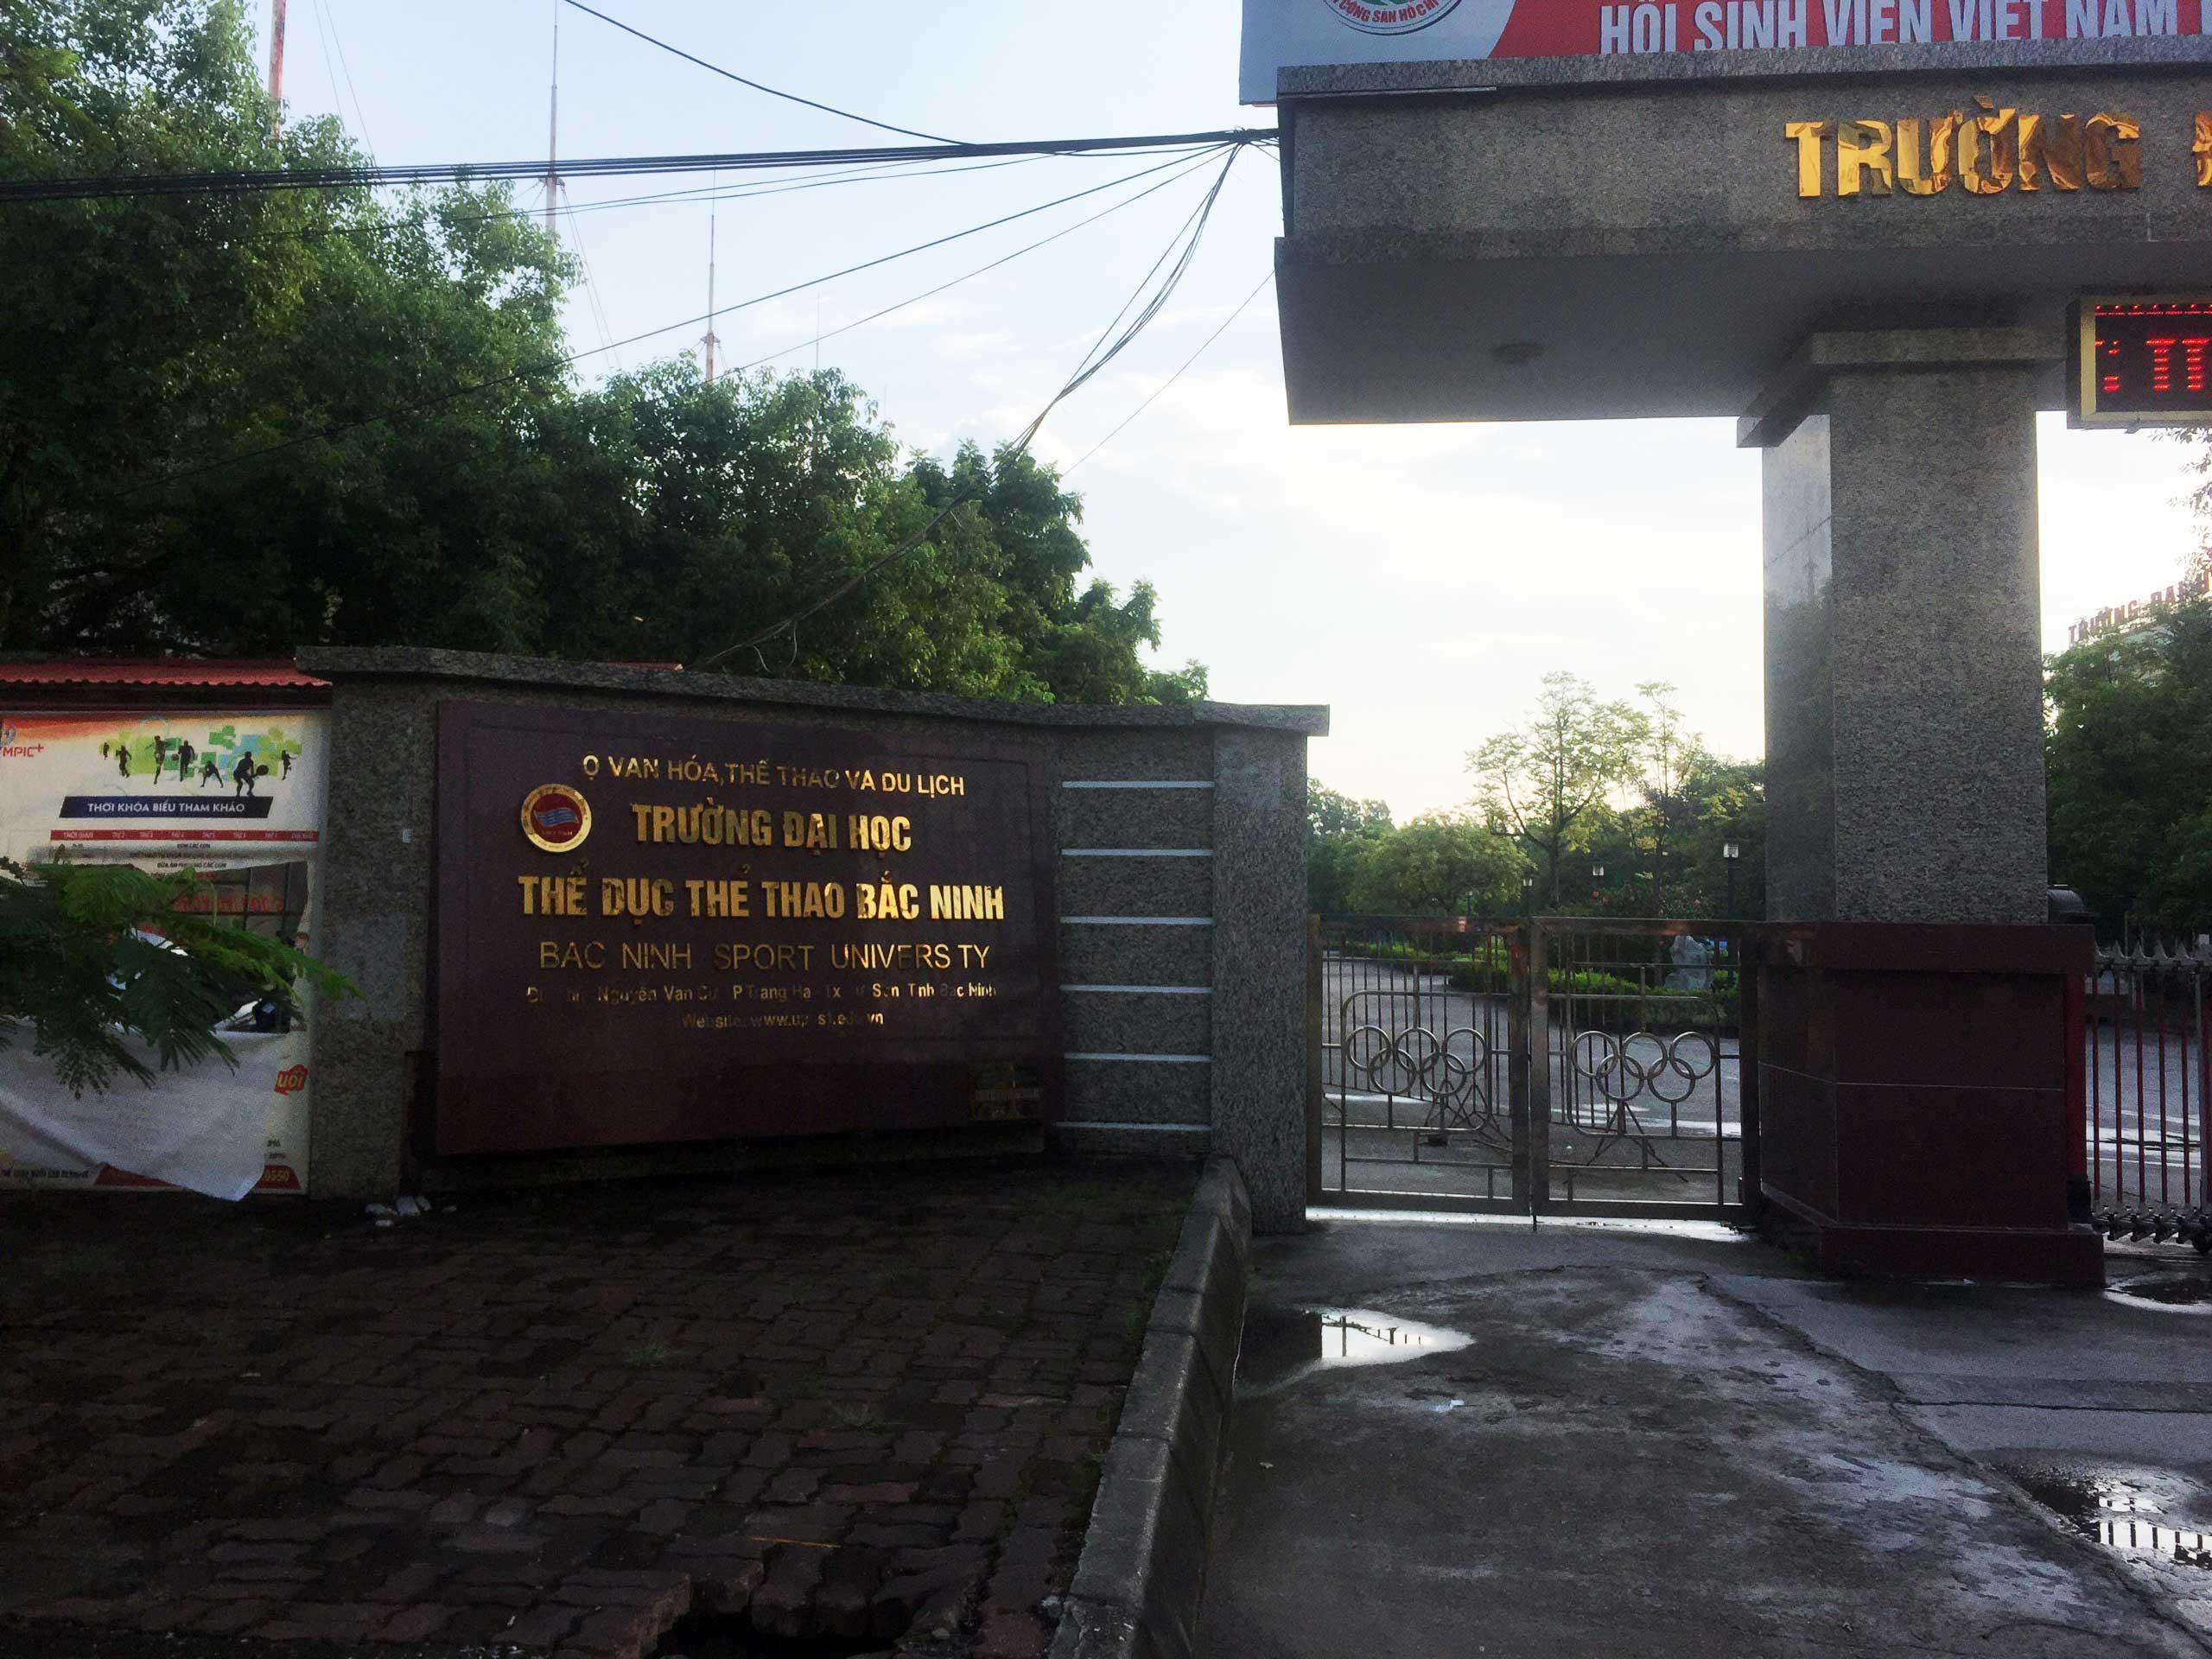 Bàn giao trống trường học cho Đại Học TDTT Bắc Ninh